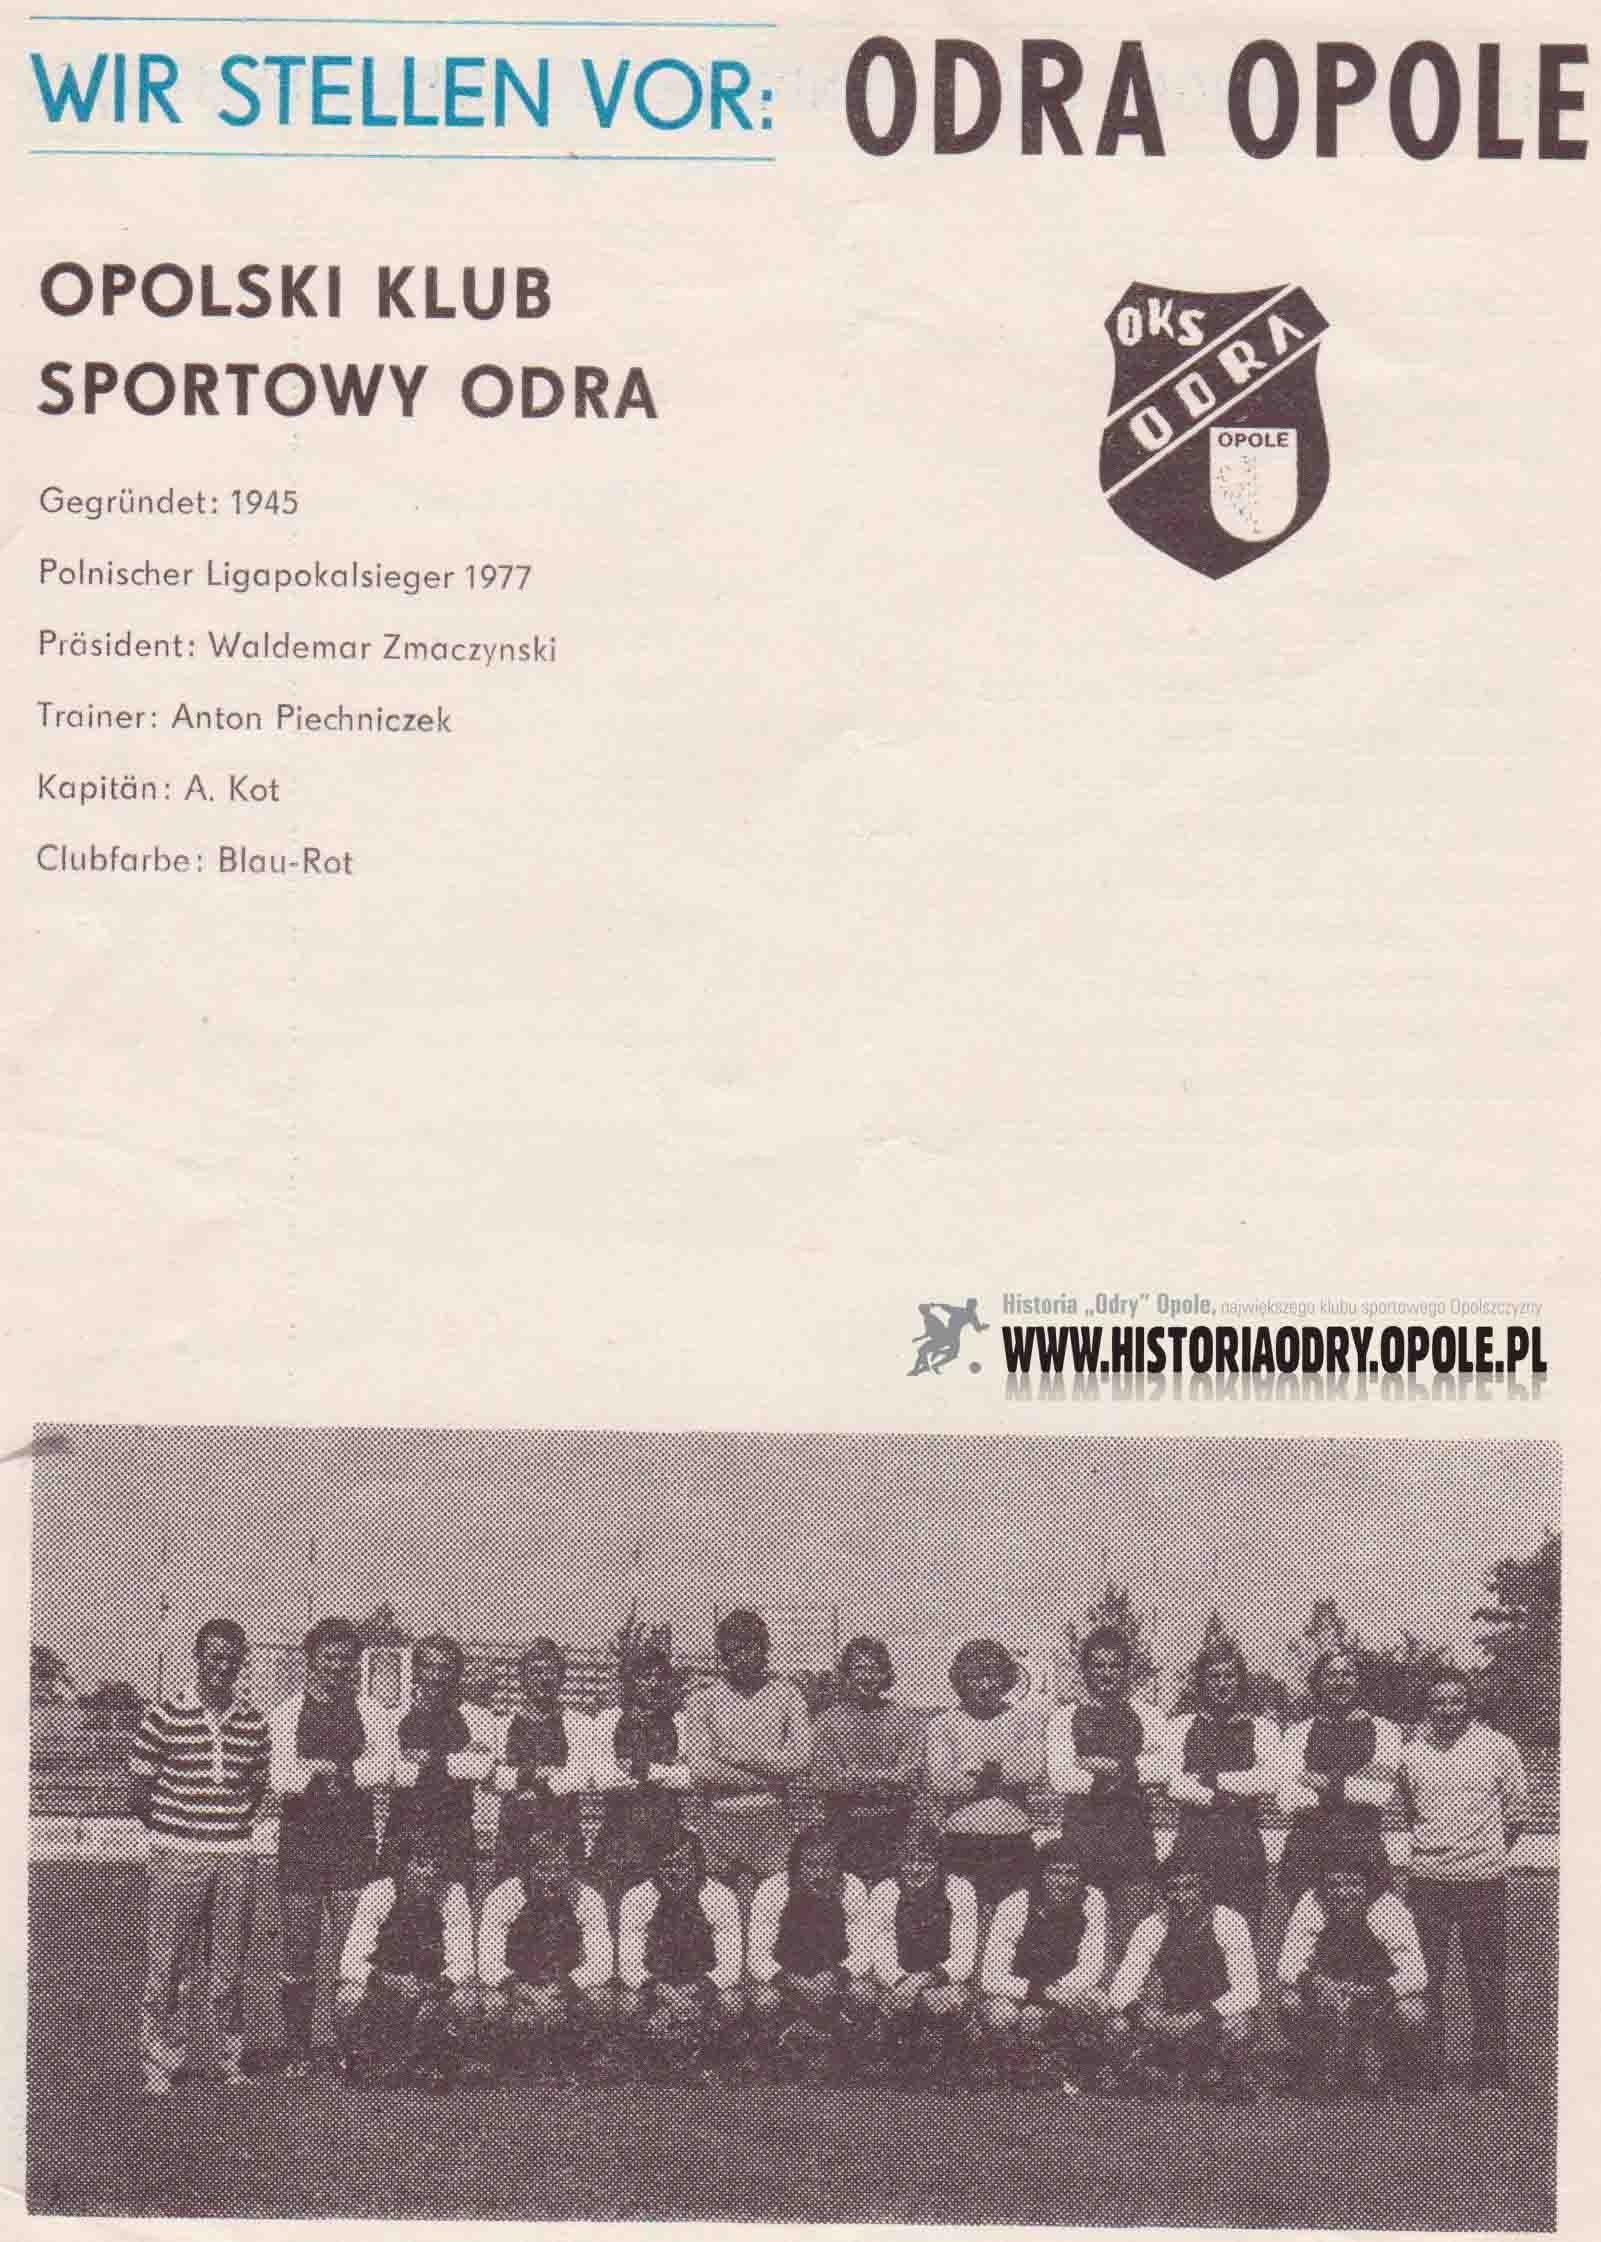 Niezbędnik kibica ze spotkania pucharowego 1. FC Magdeburg - Odra Opole (strona 2).